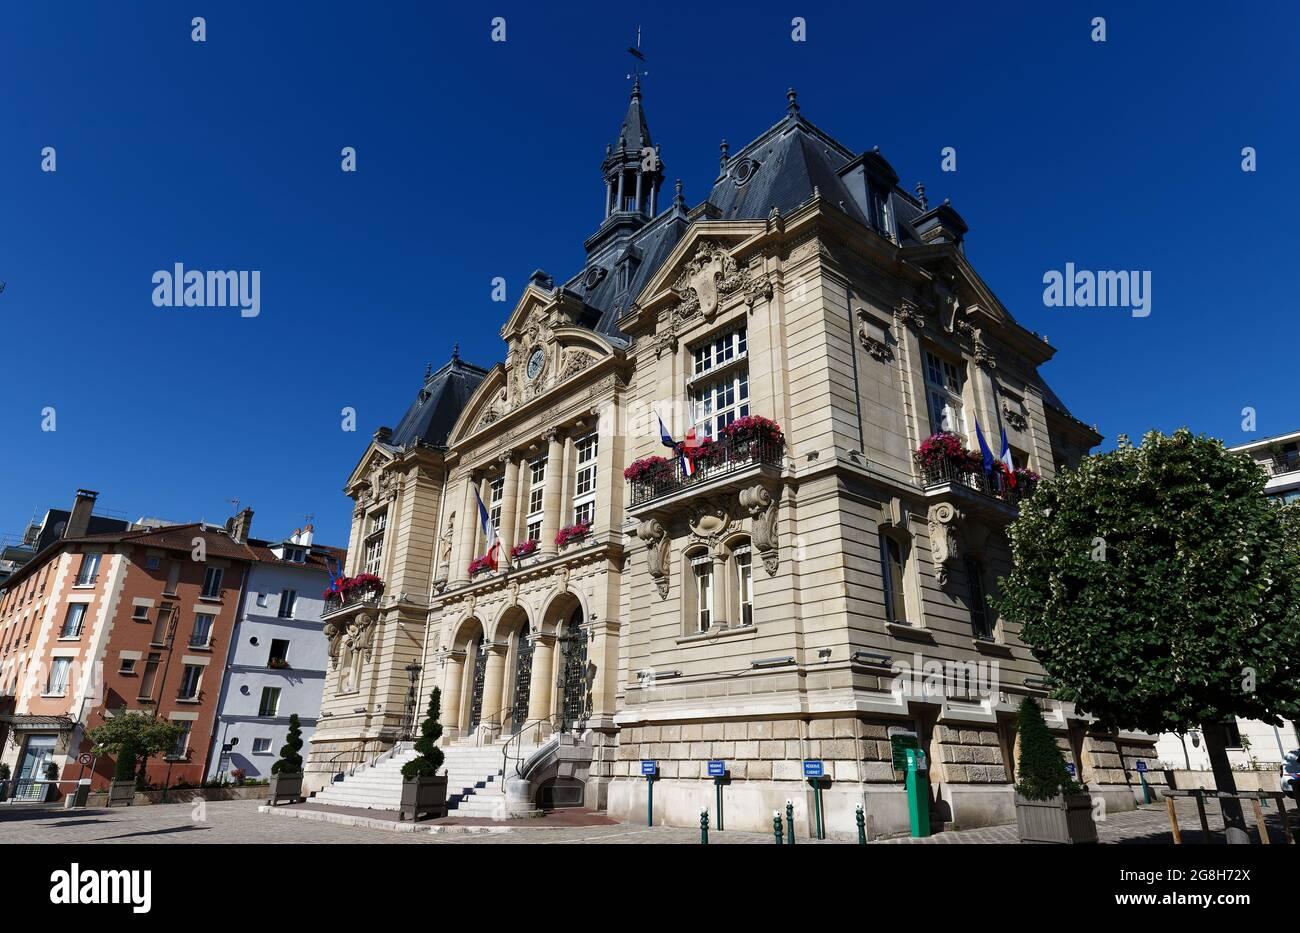 Hôtel de ville de Suresnes . Il est municipalité du département hauts-de-Seine dans la région Ile-de-France. Banque D'Images